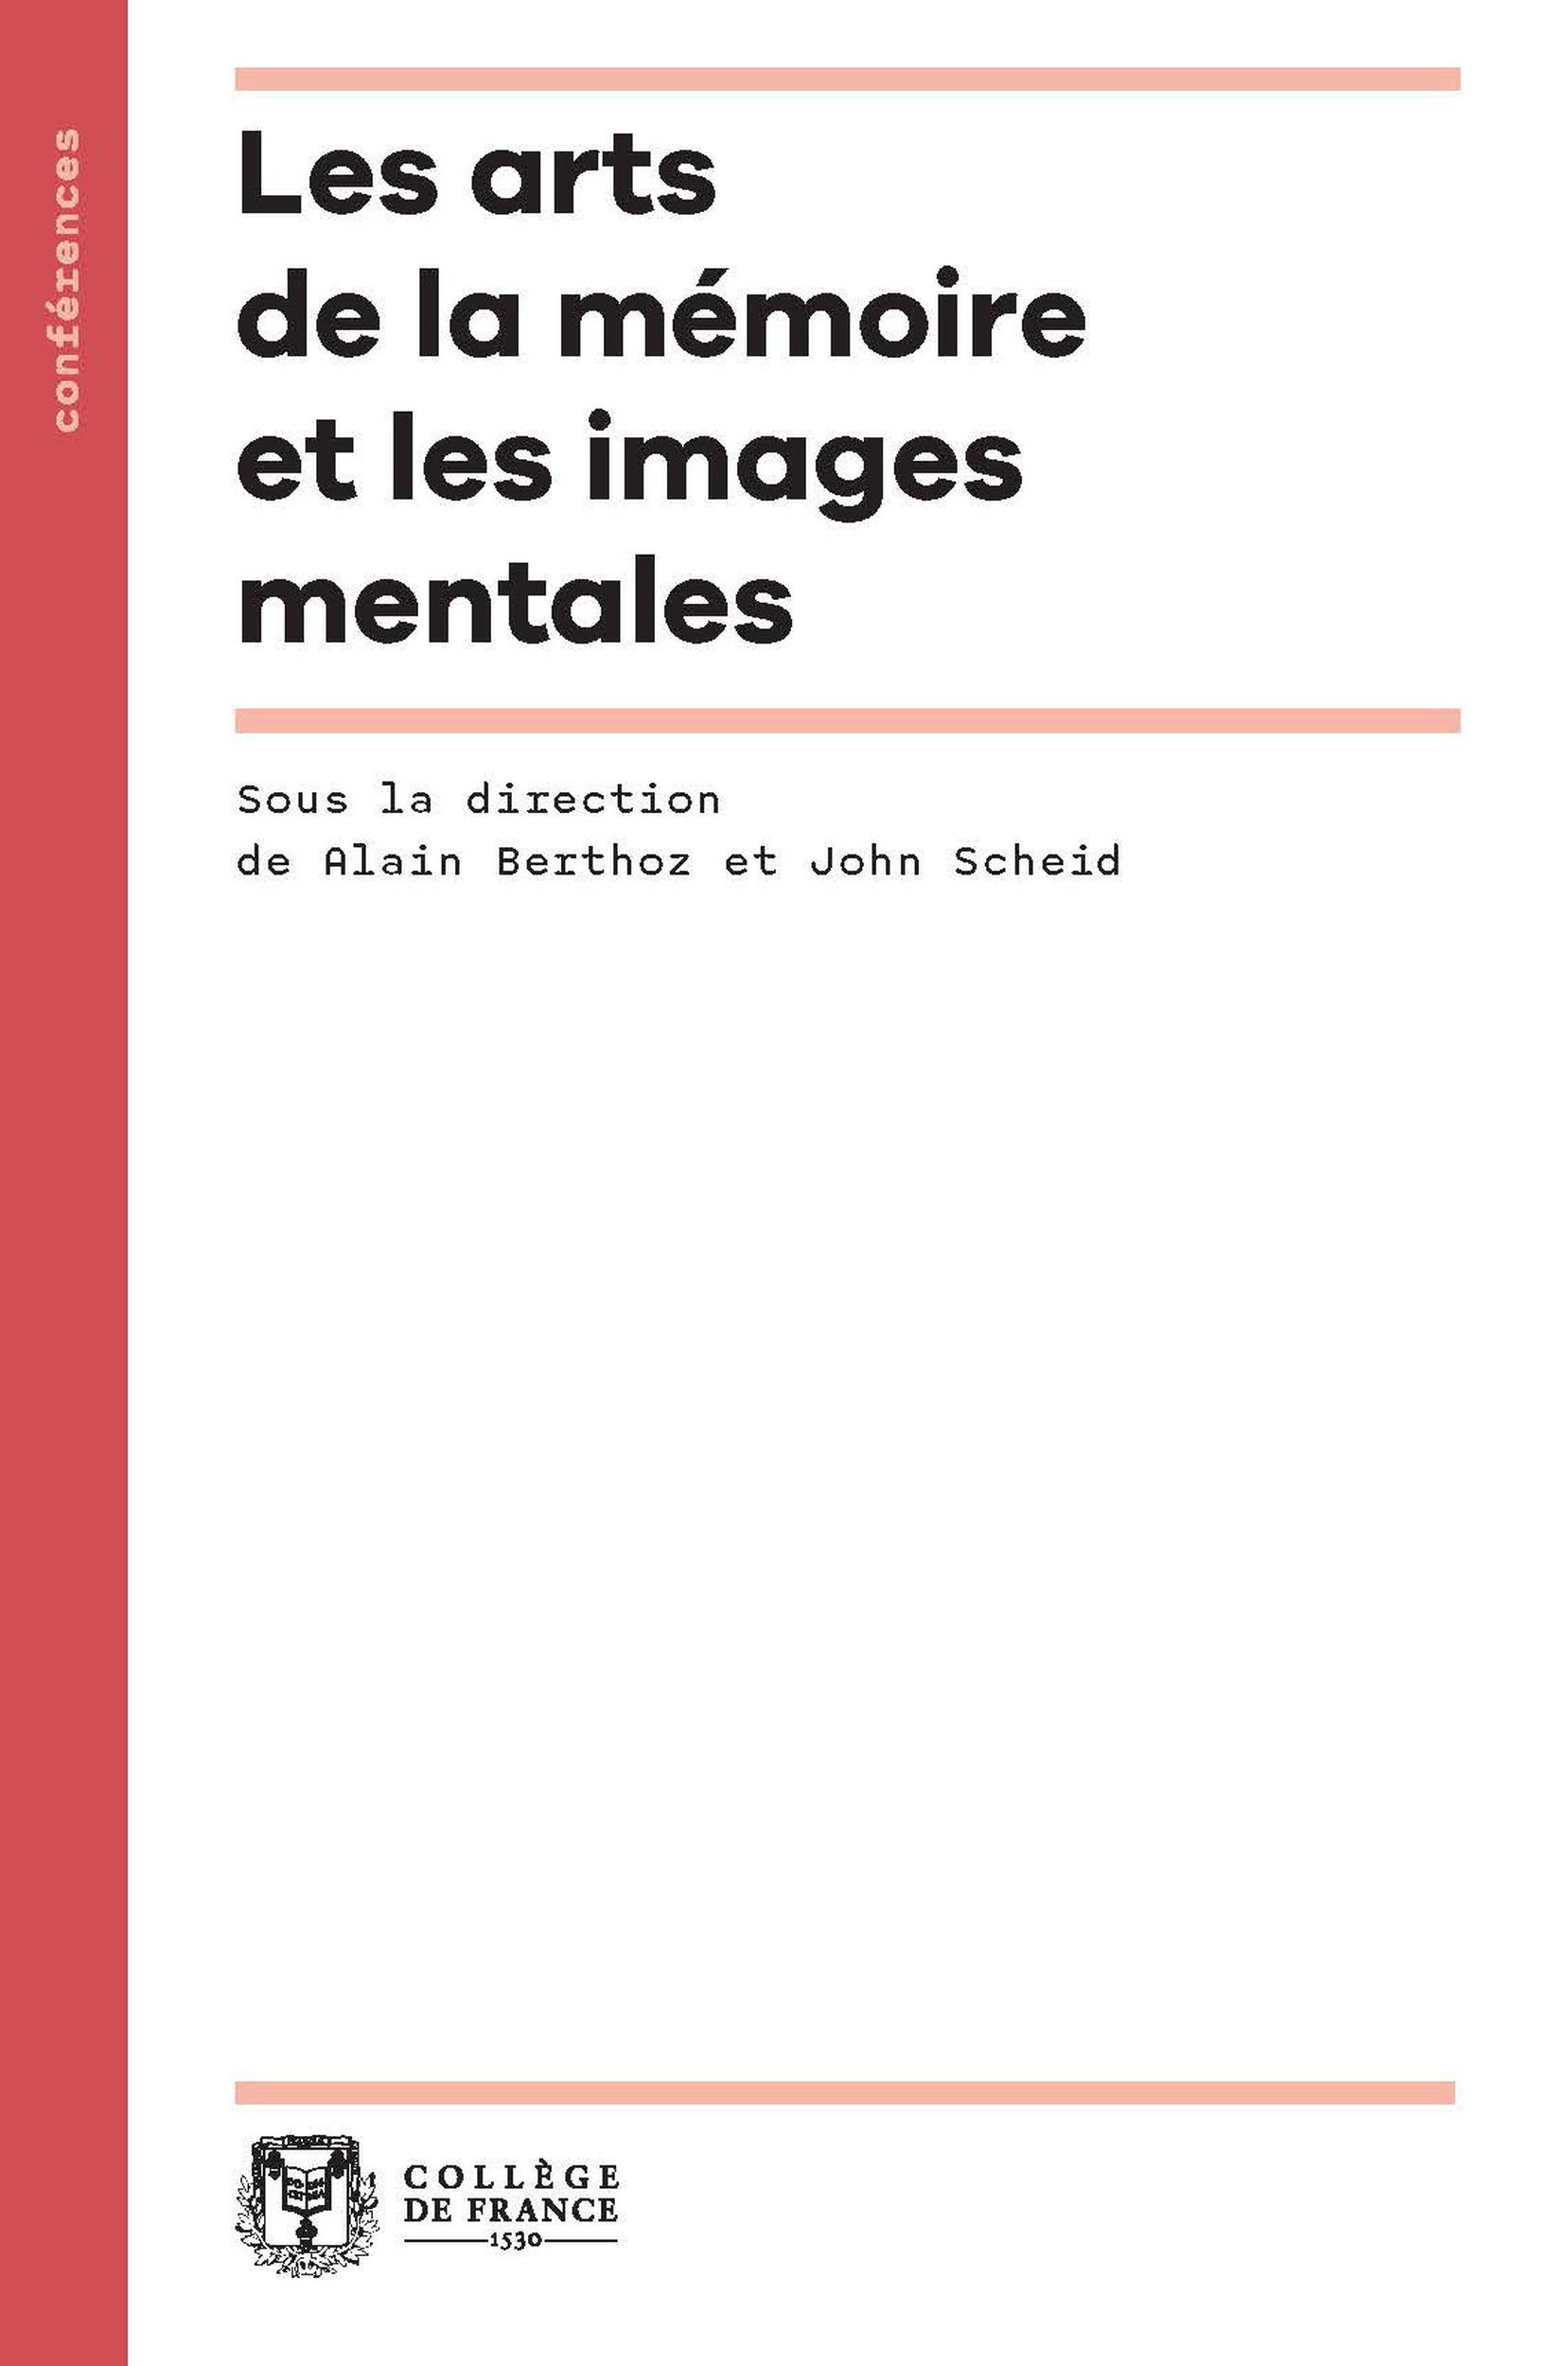 Les arts de la memoire et les images mentales